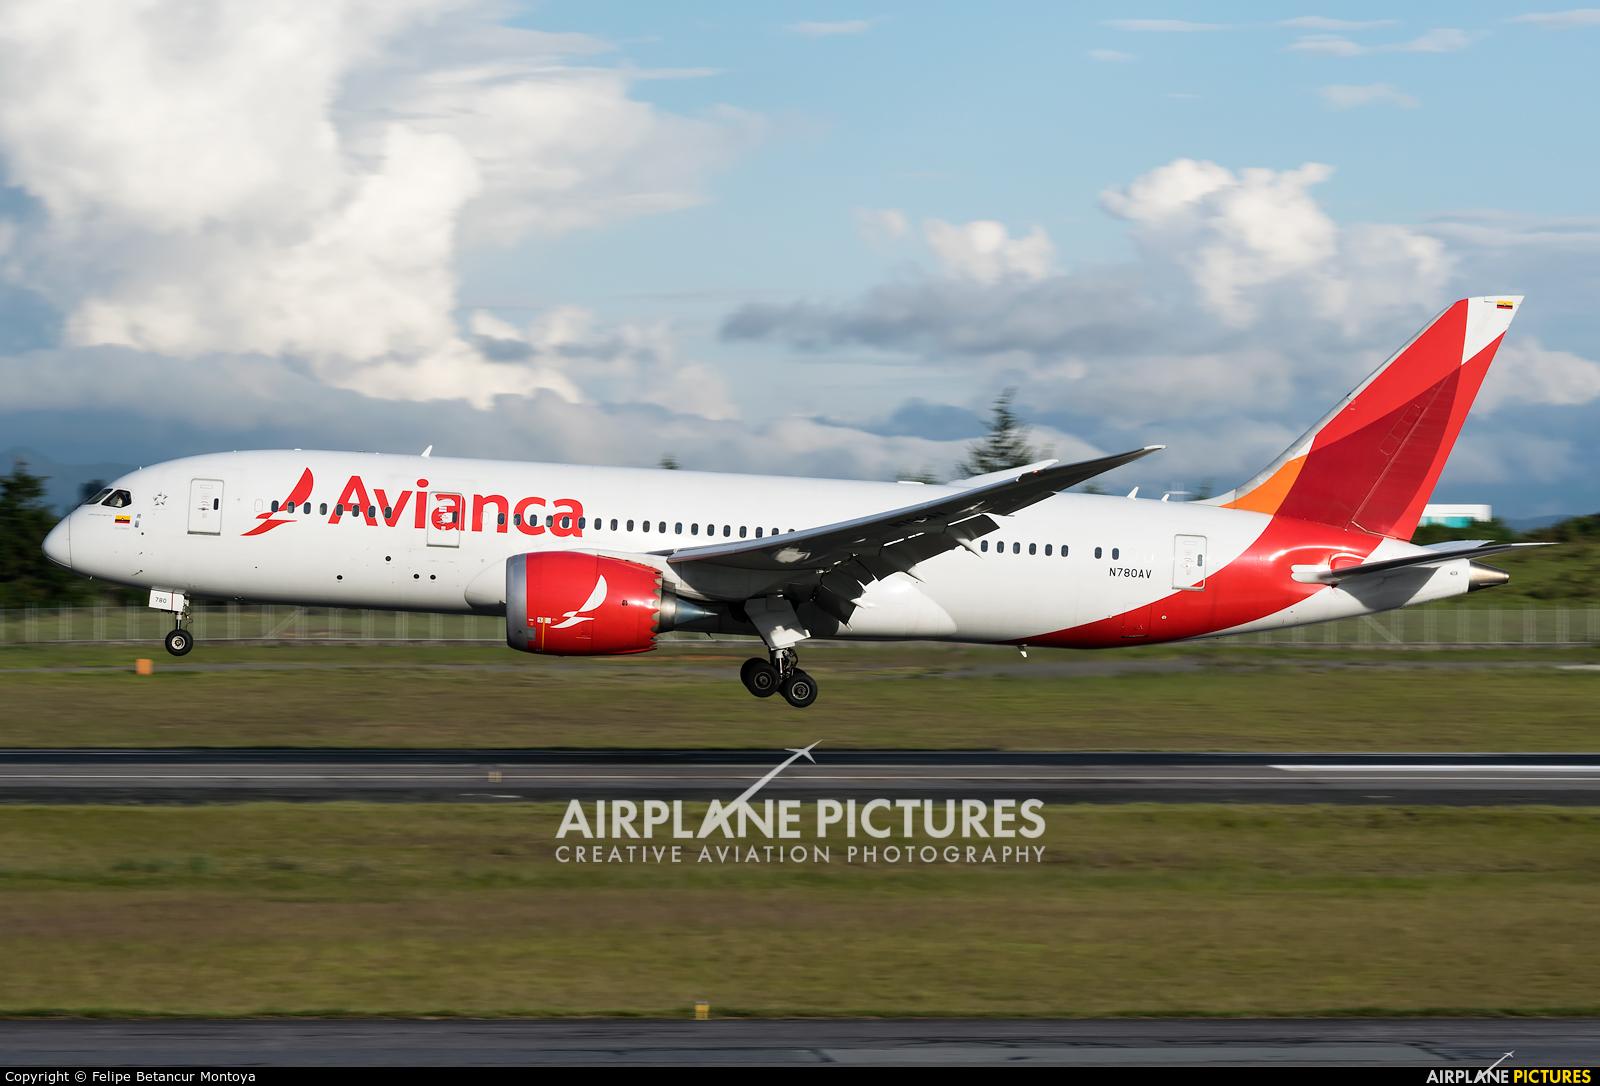 Avianca N780AV aircraft at Medellin - Jose Maria Cordova Intl